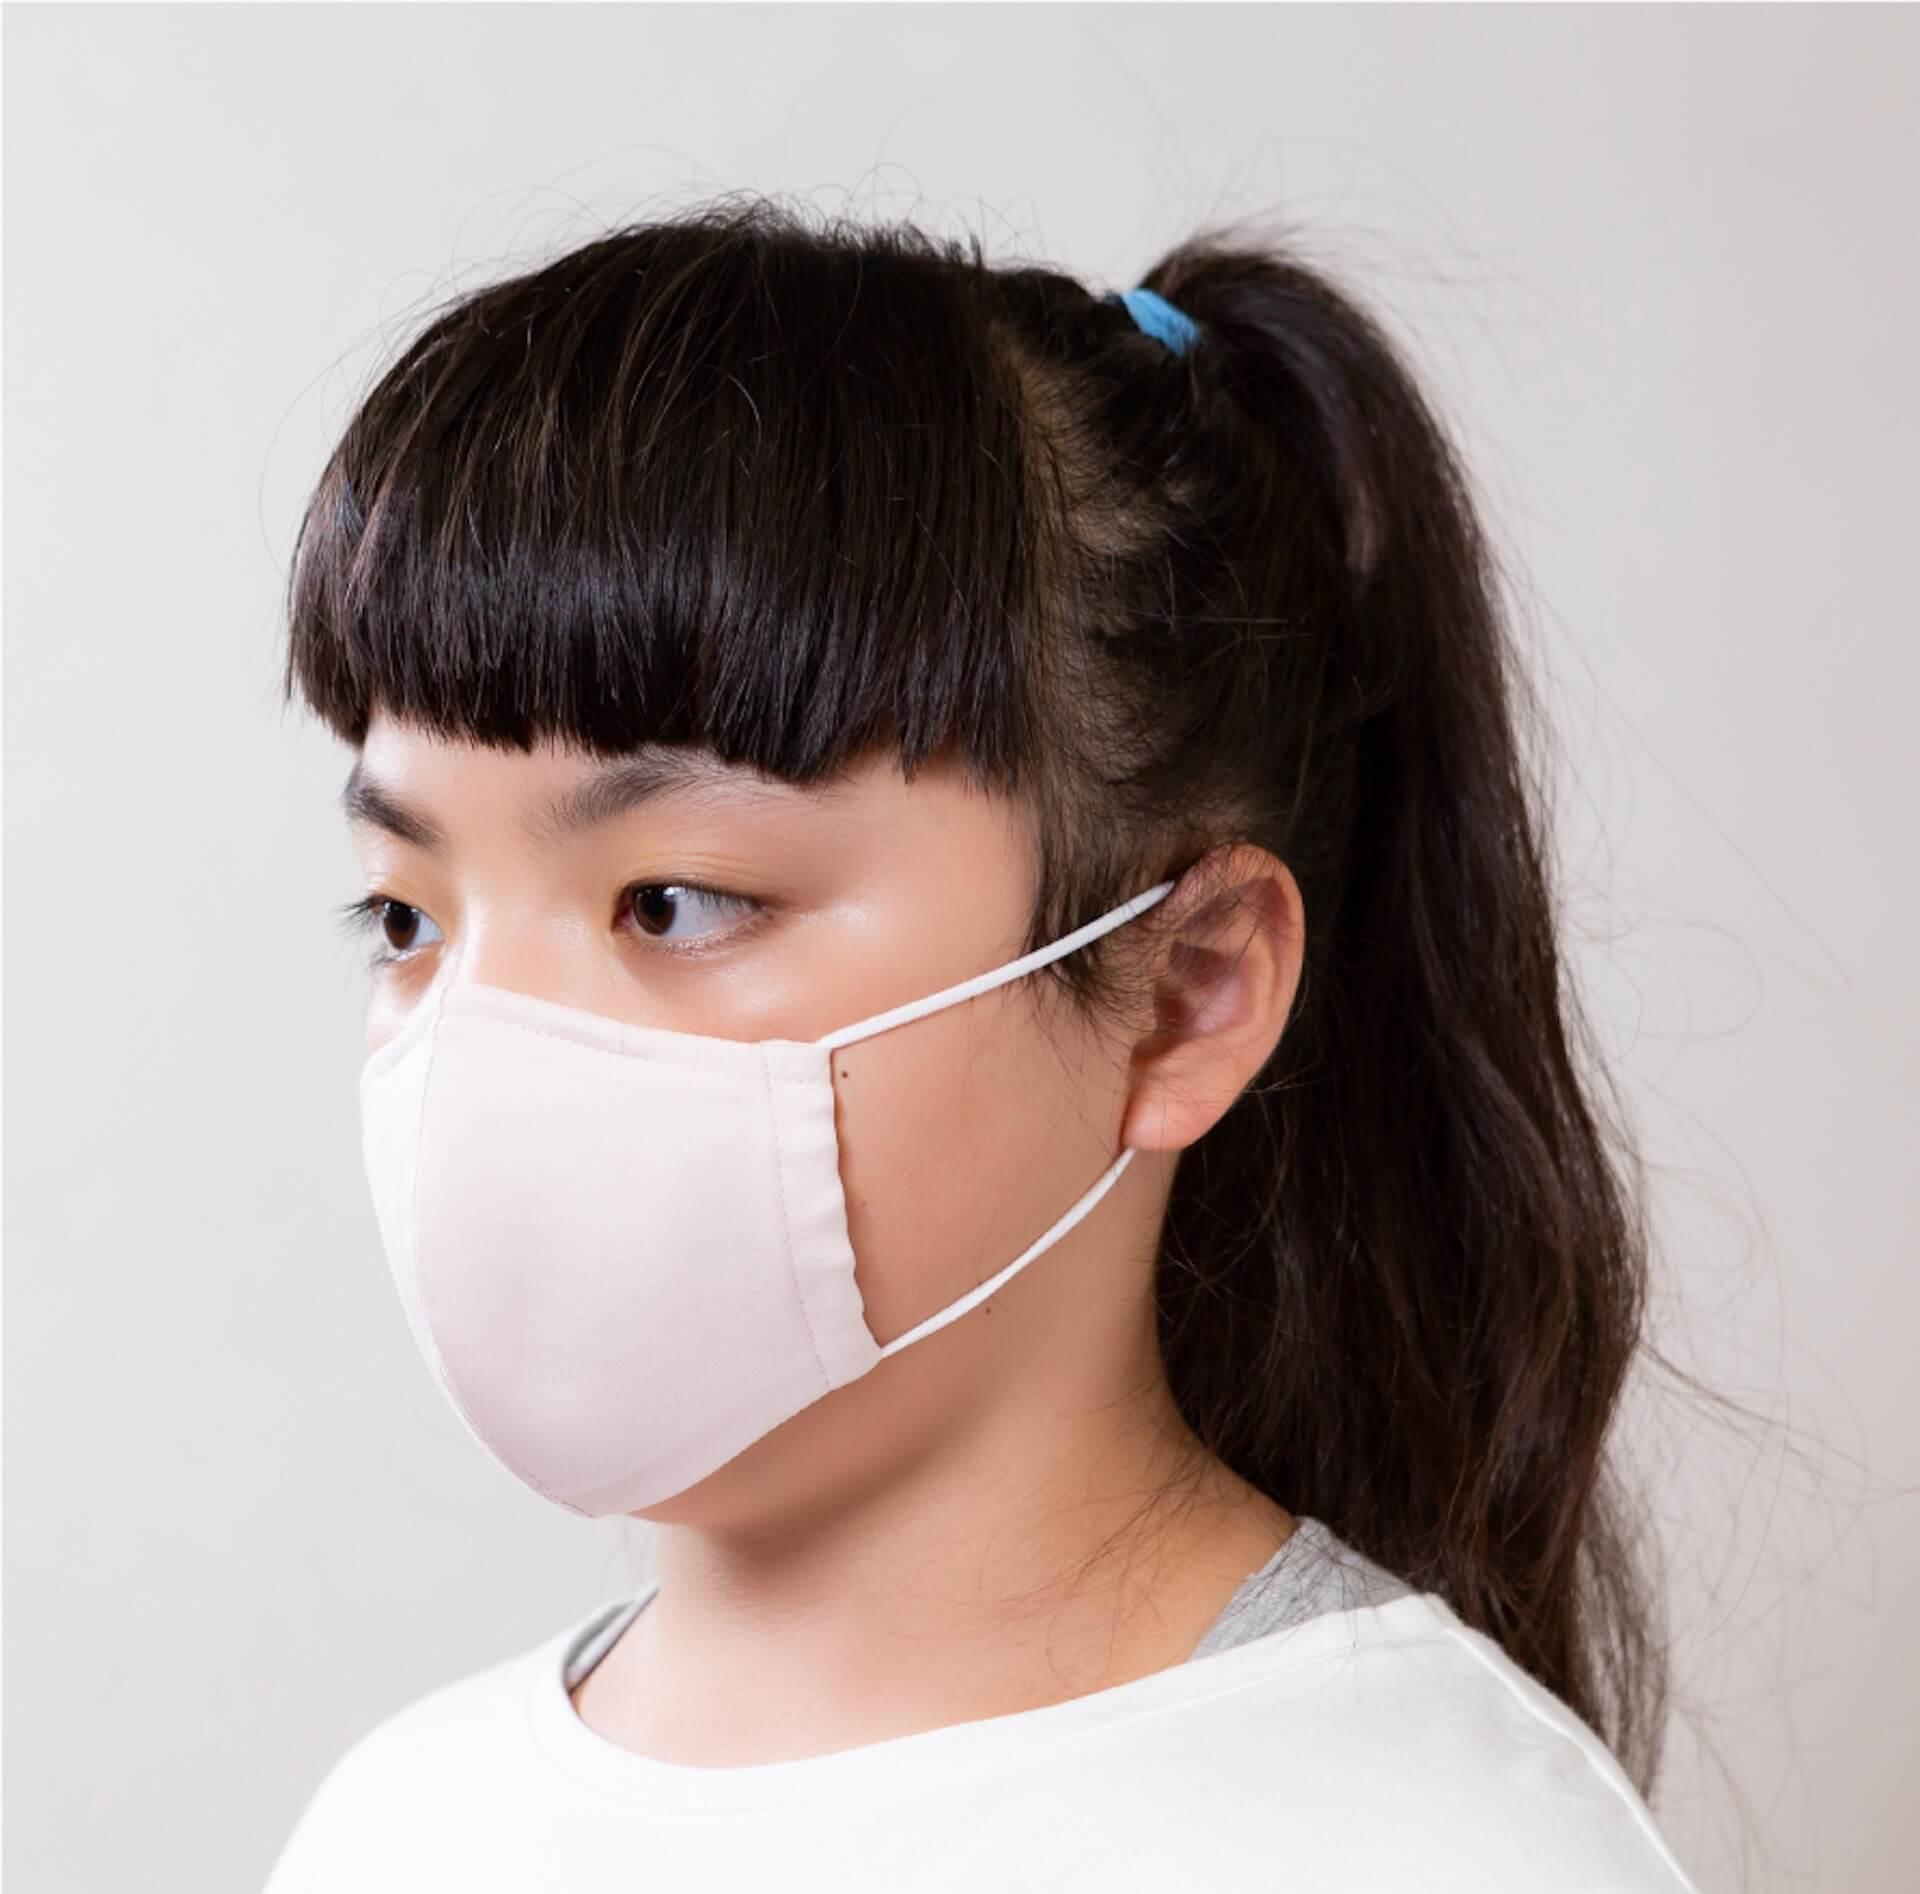 SONOのマスクにメイクの汚れを解消するベージュの新色が登場!抗菌・UVプロテクトマスクも予約受付中 lf200706_sono_mask_08